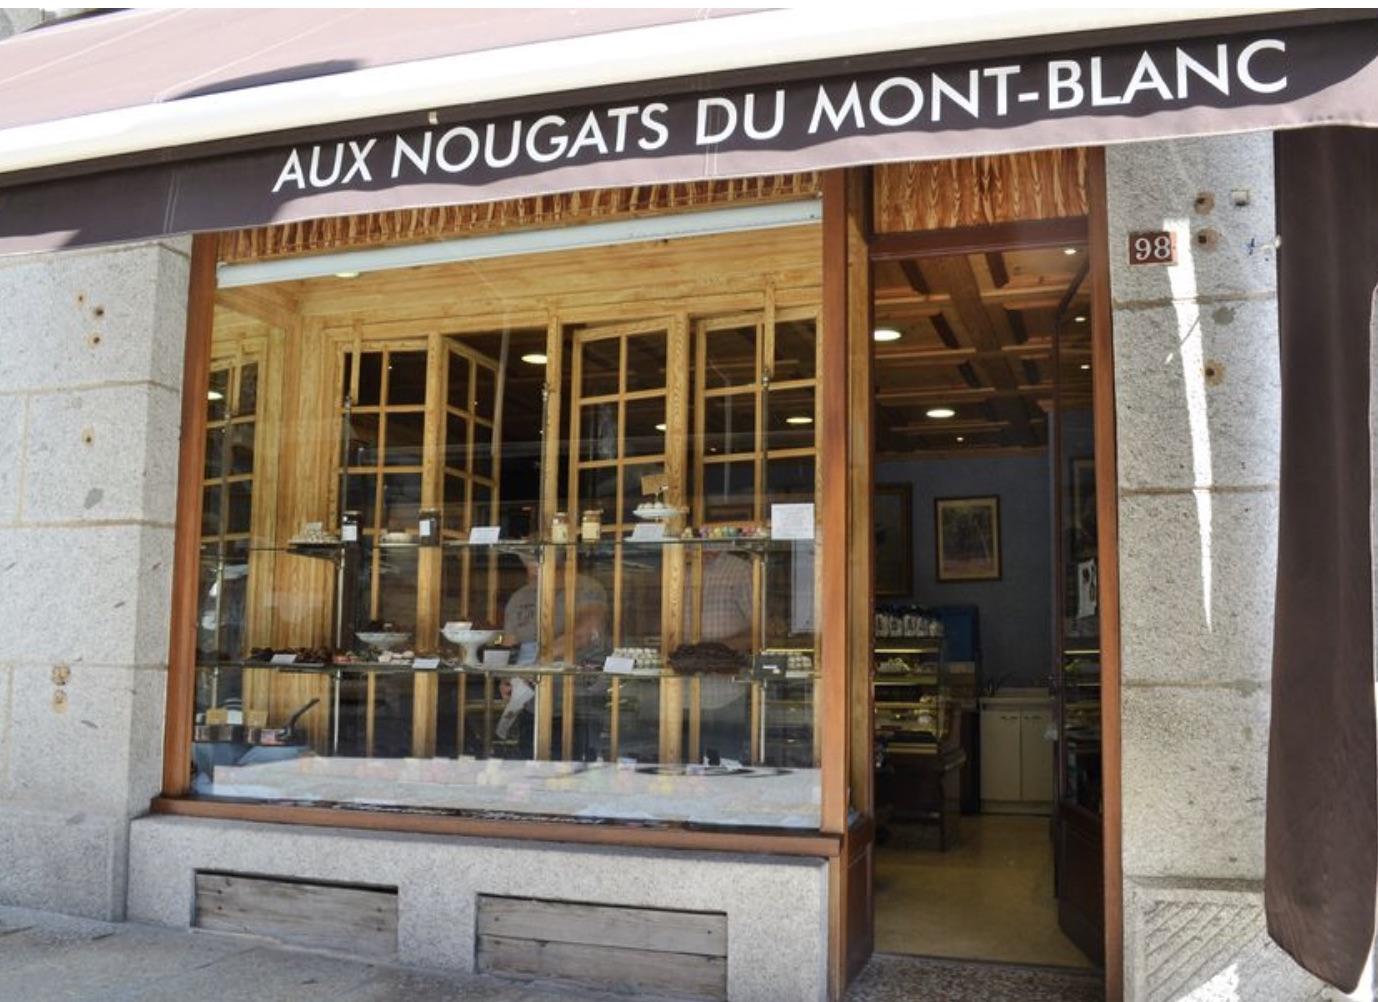 Chamonix boutique Aux nougats du mont blanc